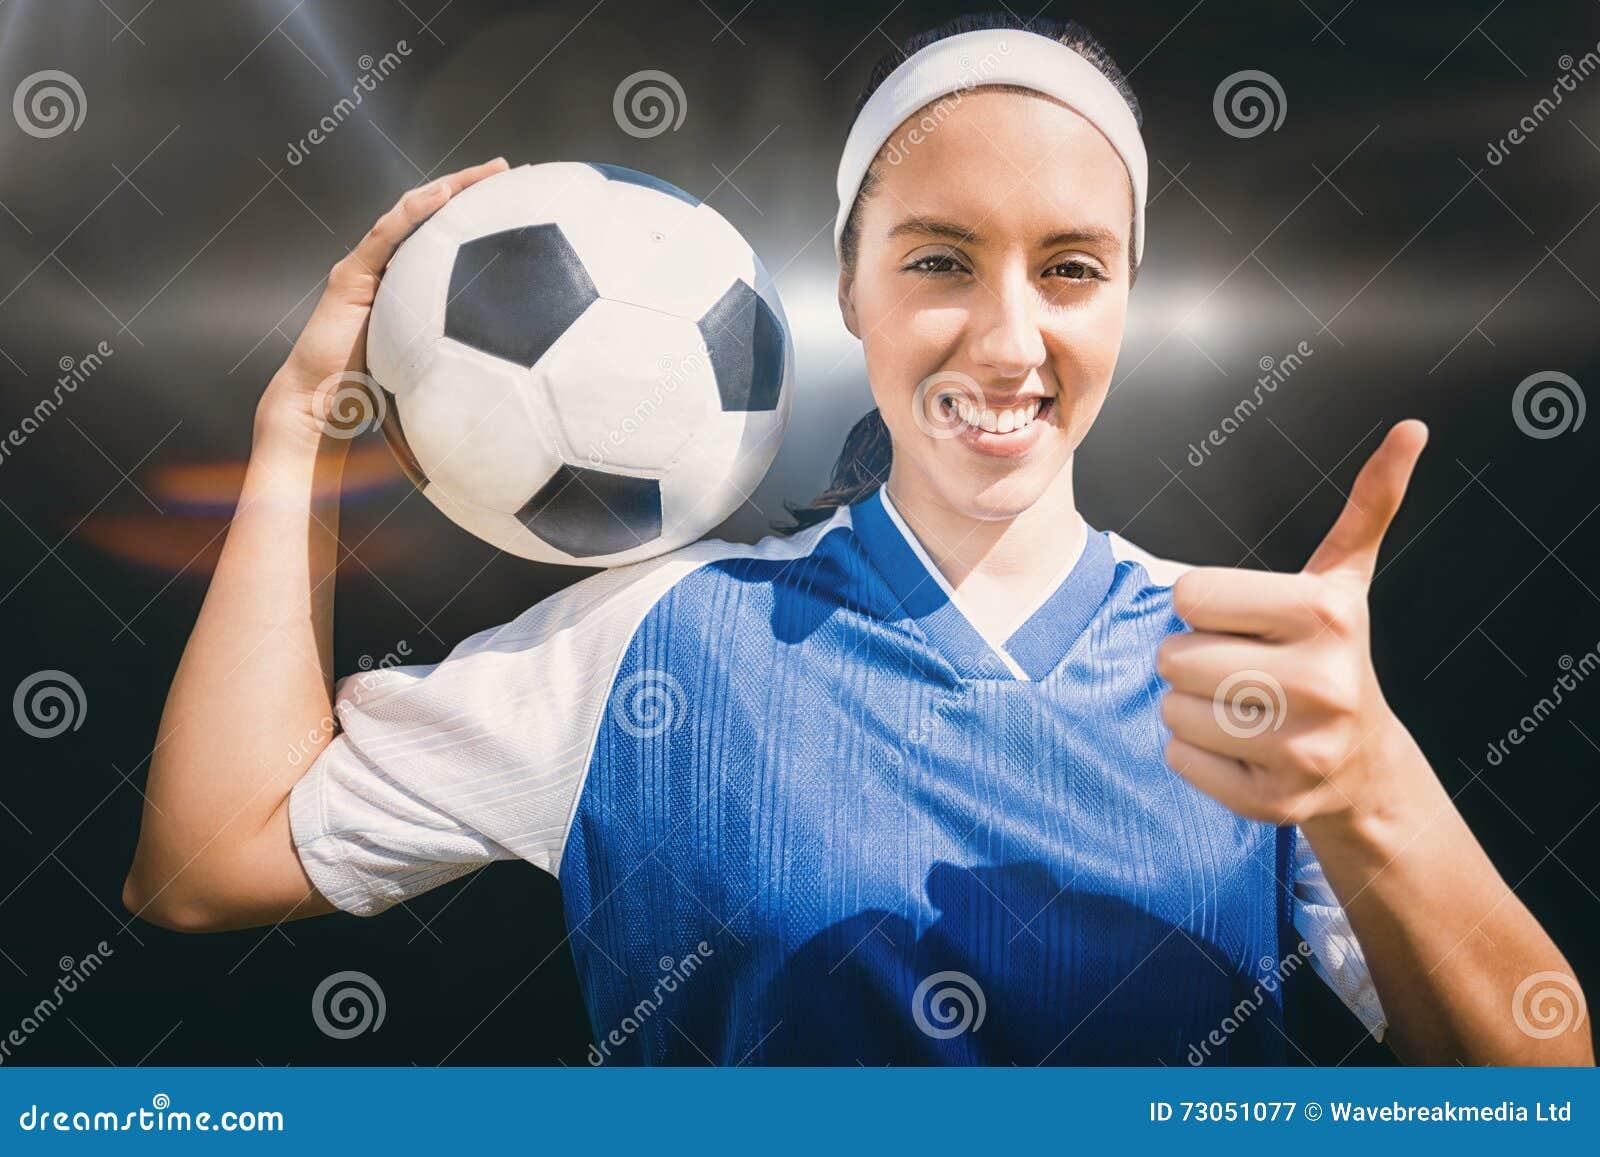 Imagen Compuesta Del Retrato Del Futbolista Feliz De La Mujer Que Celebra Un Futbol Imagen De Archivo Imagen De Futbolista Futbol 73051077 Porque somos el pilar de nuestras familias, corazón de nuestro trabajo e impulso de nuestra propia superación. dreamstime